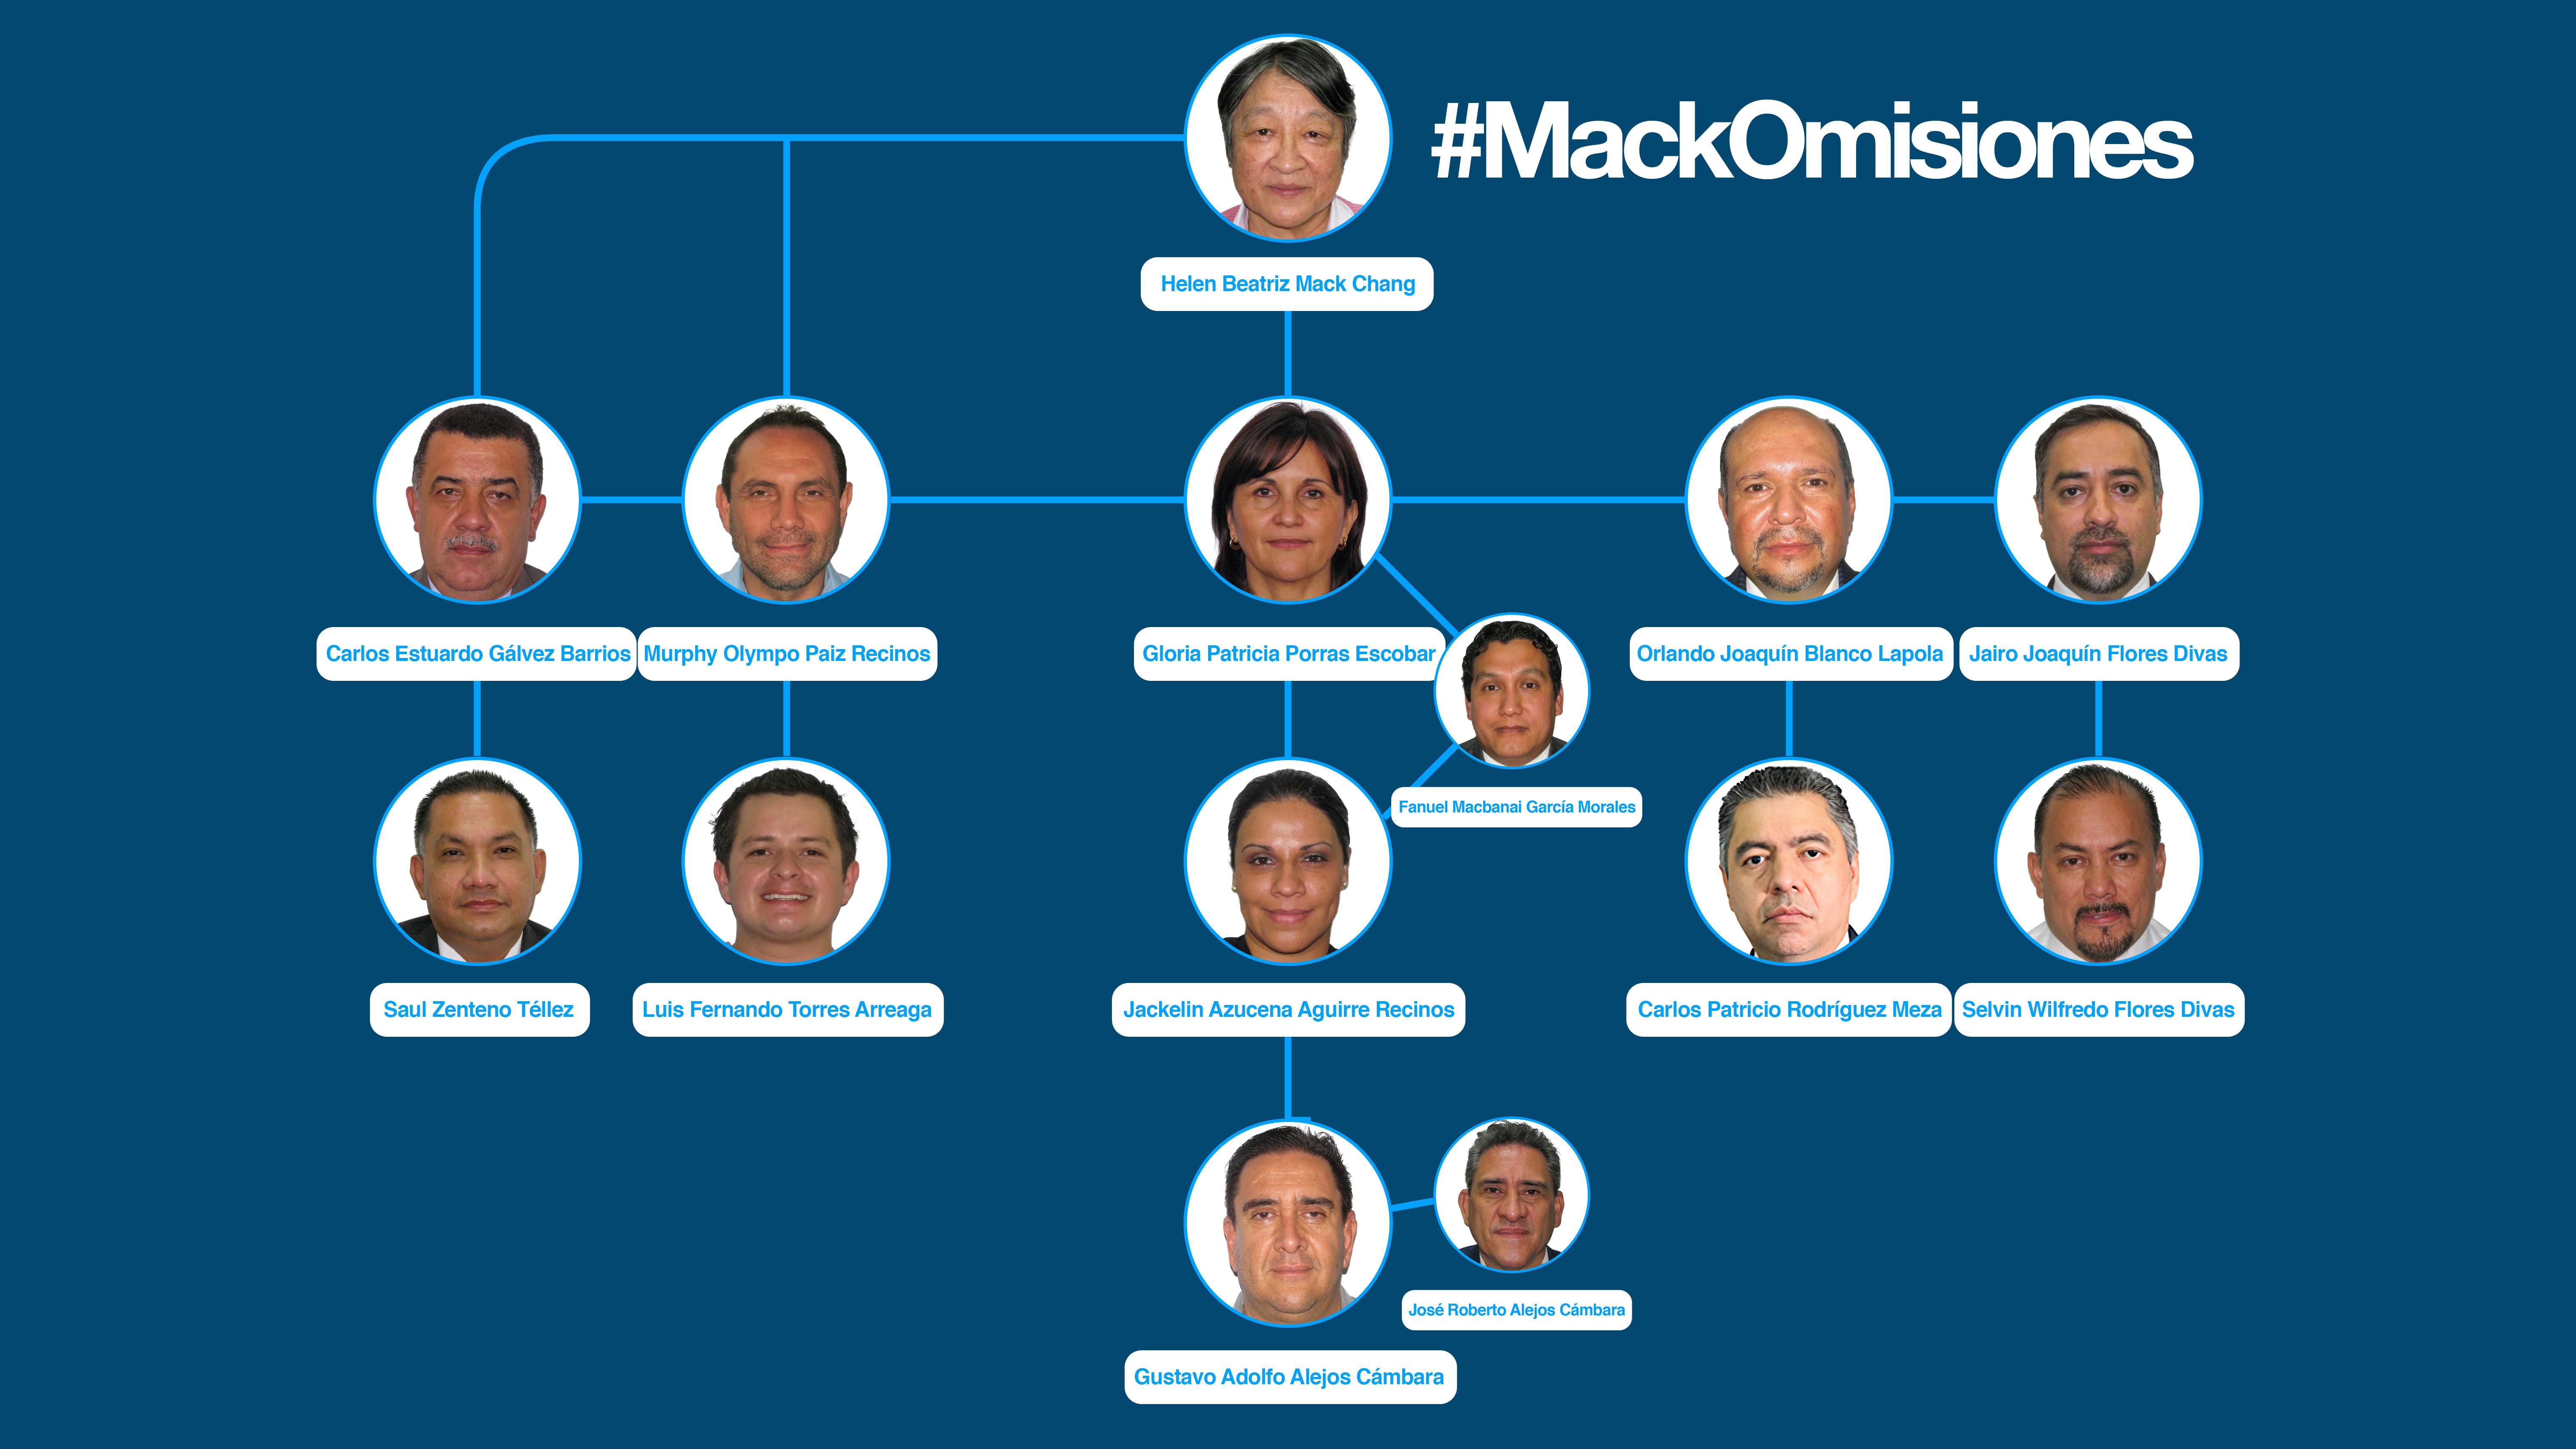 #MackOmisiones